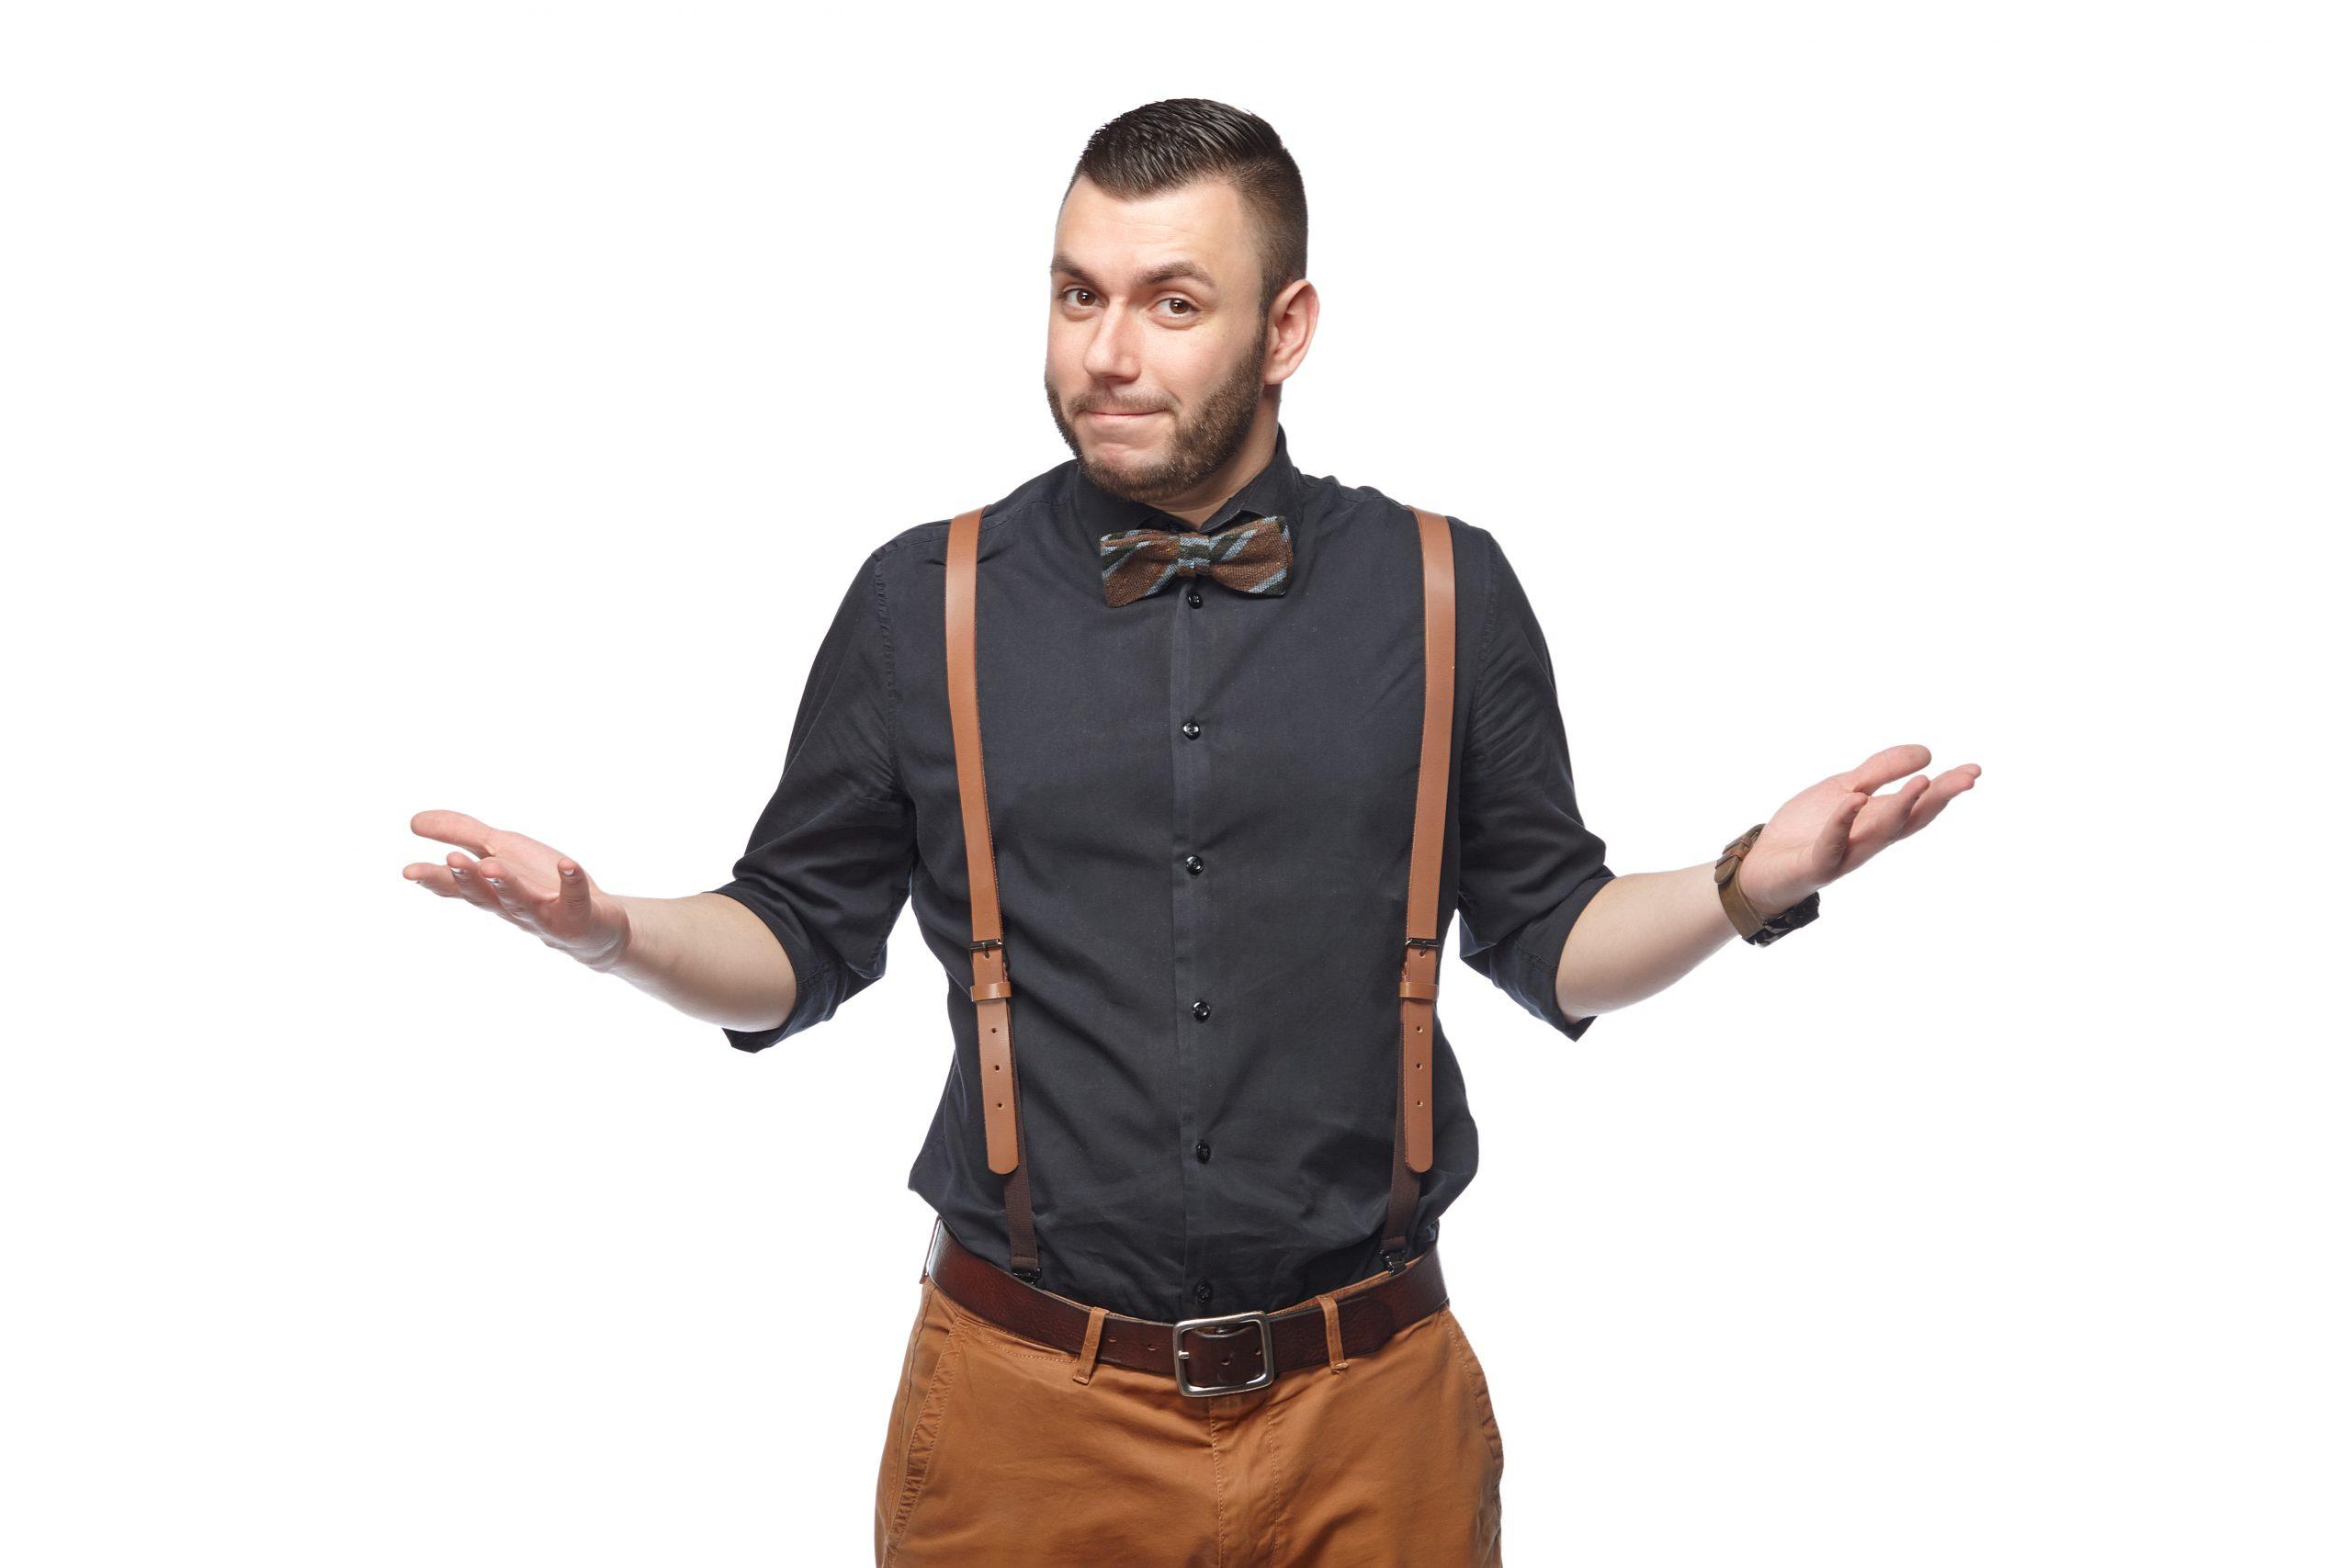 Жоро Руснака е сред регистрираните артисти за участие в наградите за бг стендъп комеди през 2021-ва година!